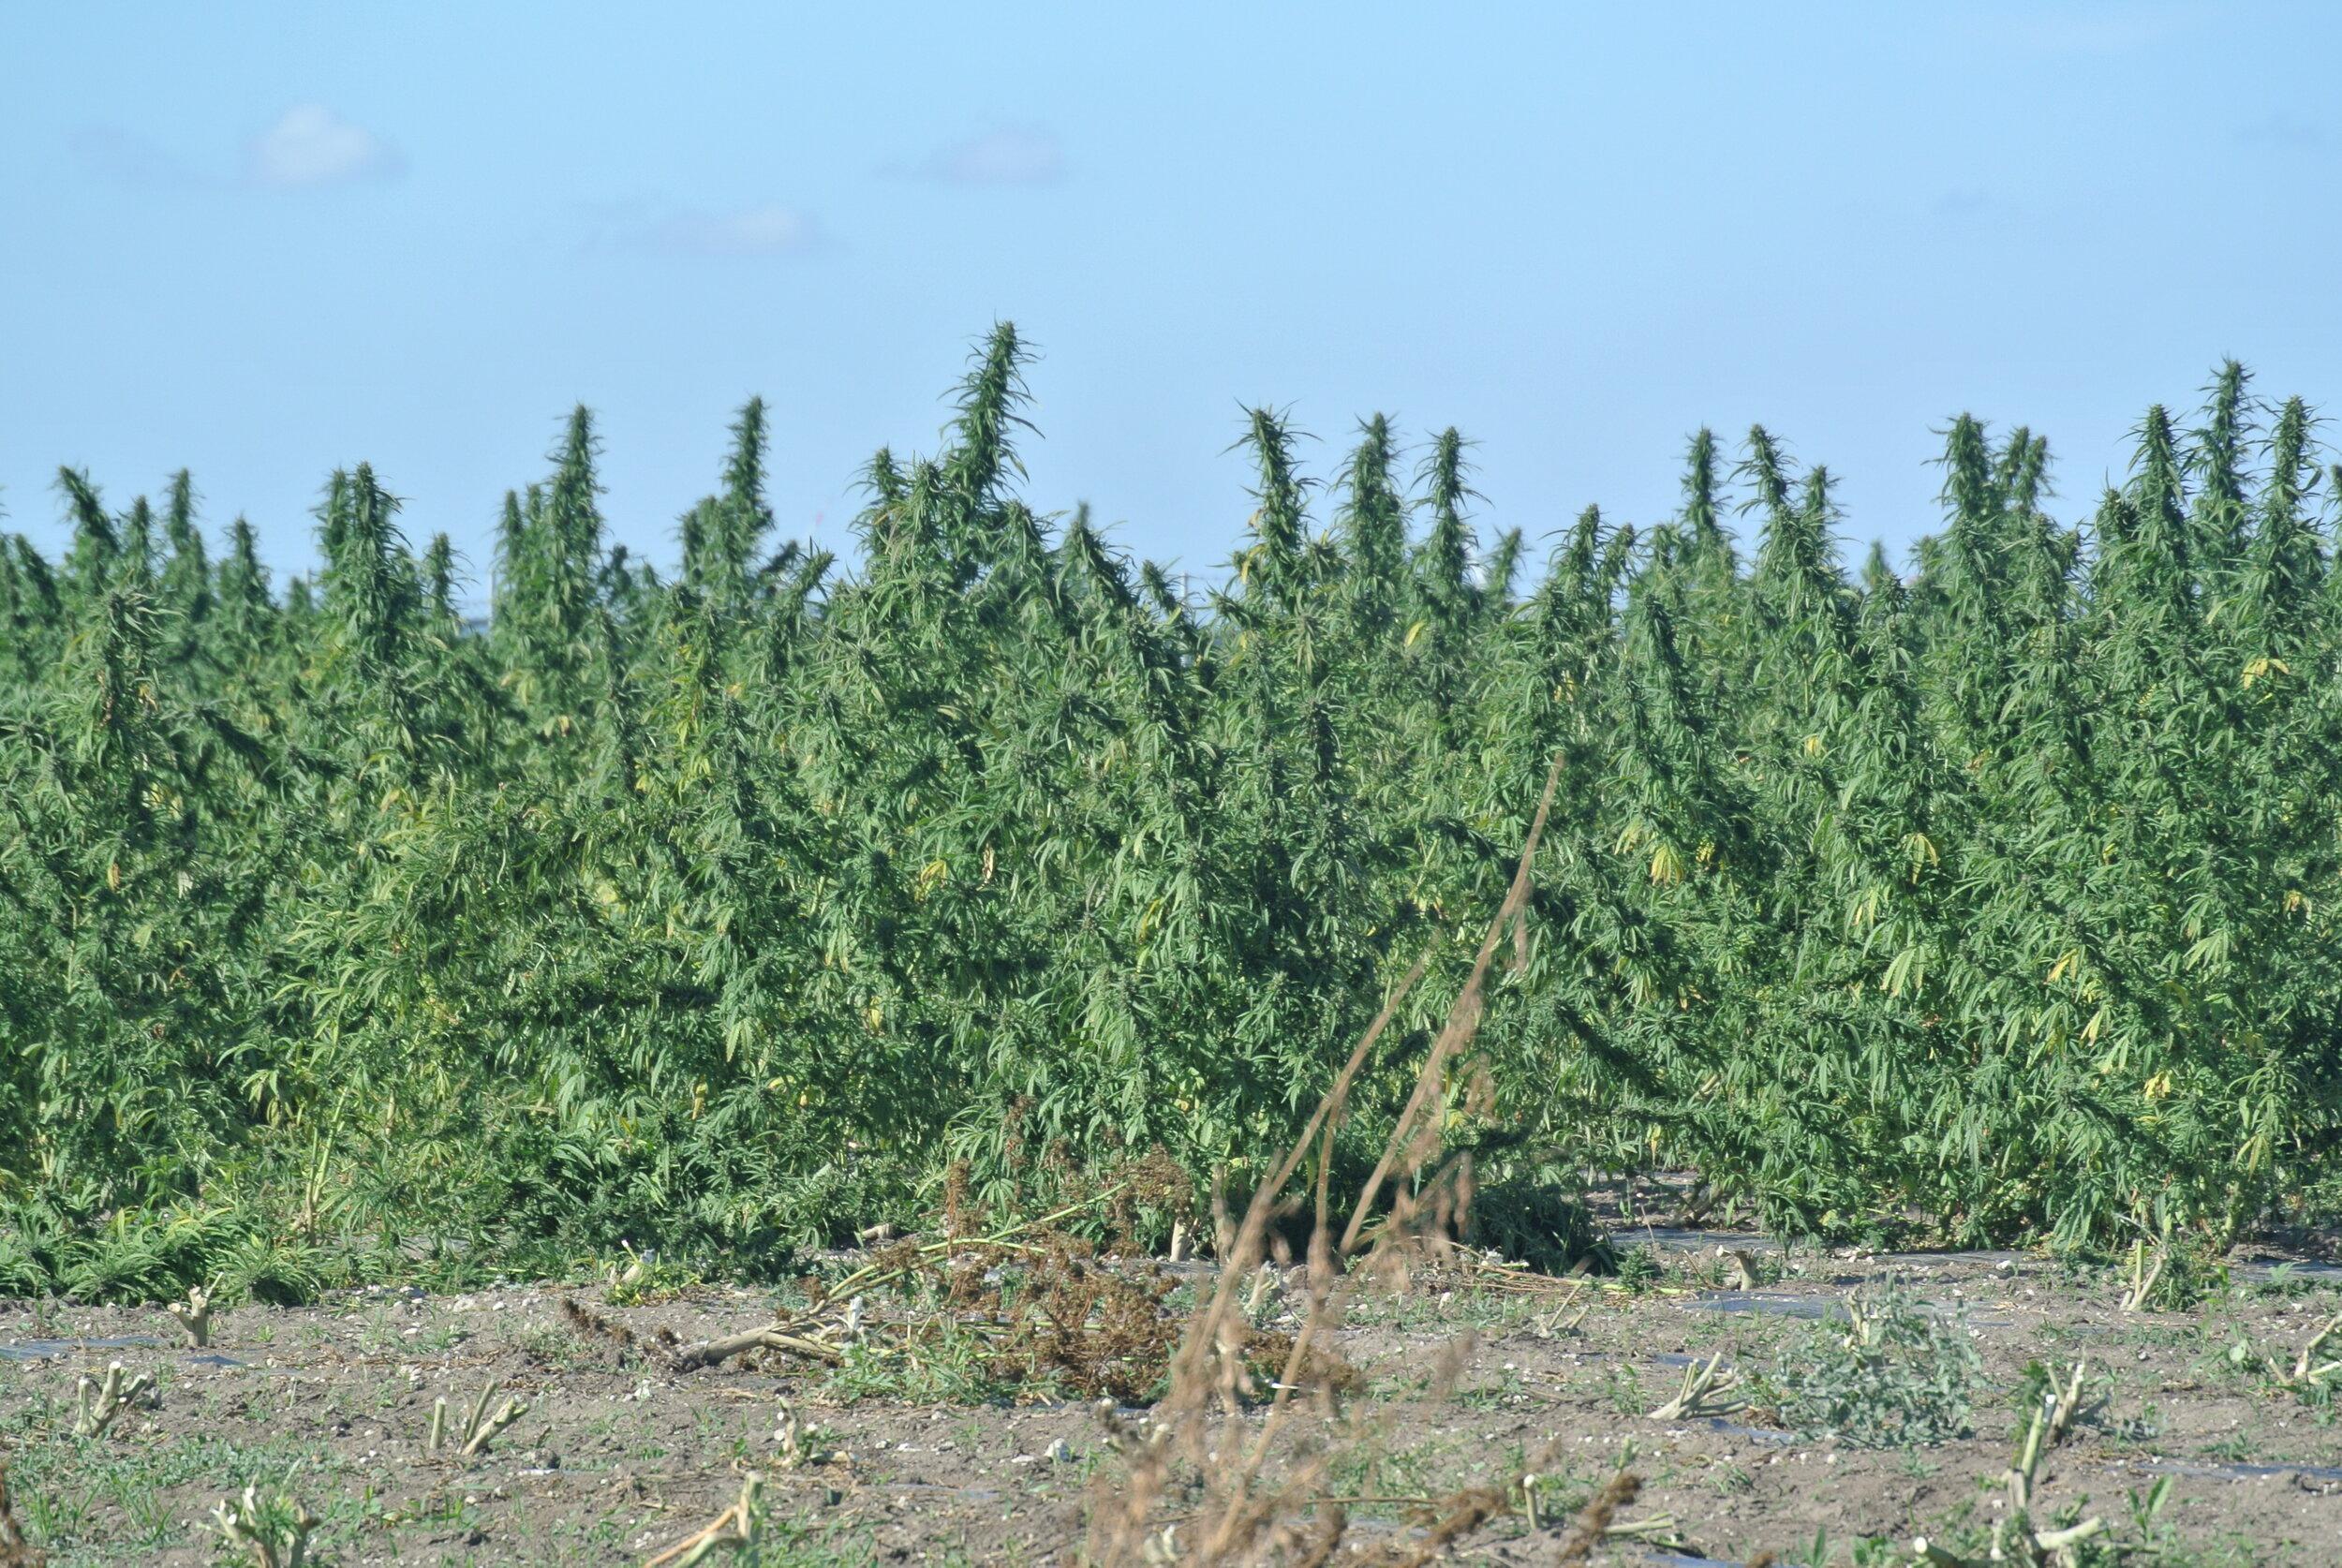 The marijuana field, ready for harvest. Foggia, Italy. 8 October 2019. ©Pamela Kerpius